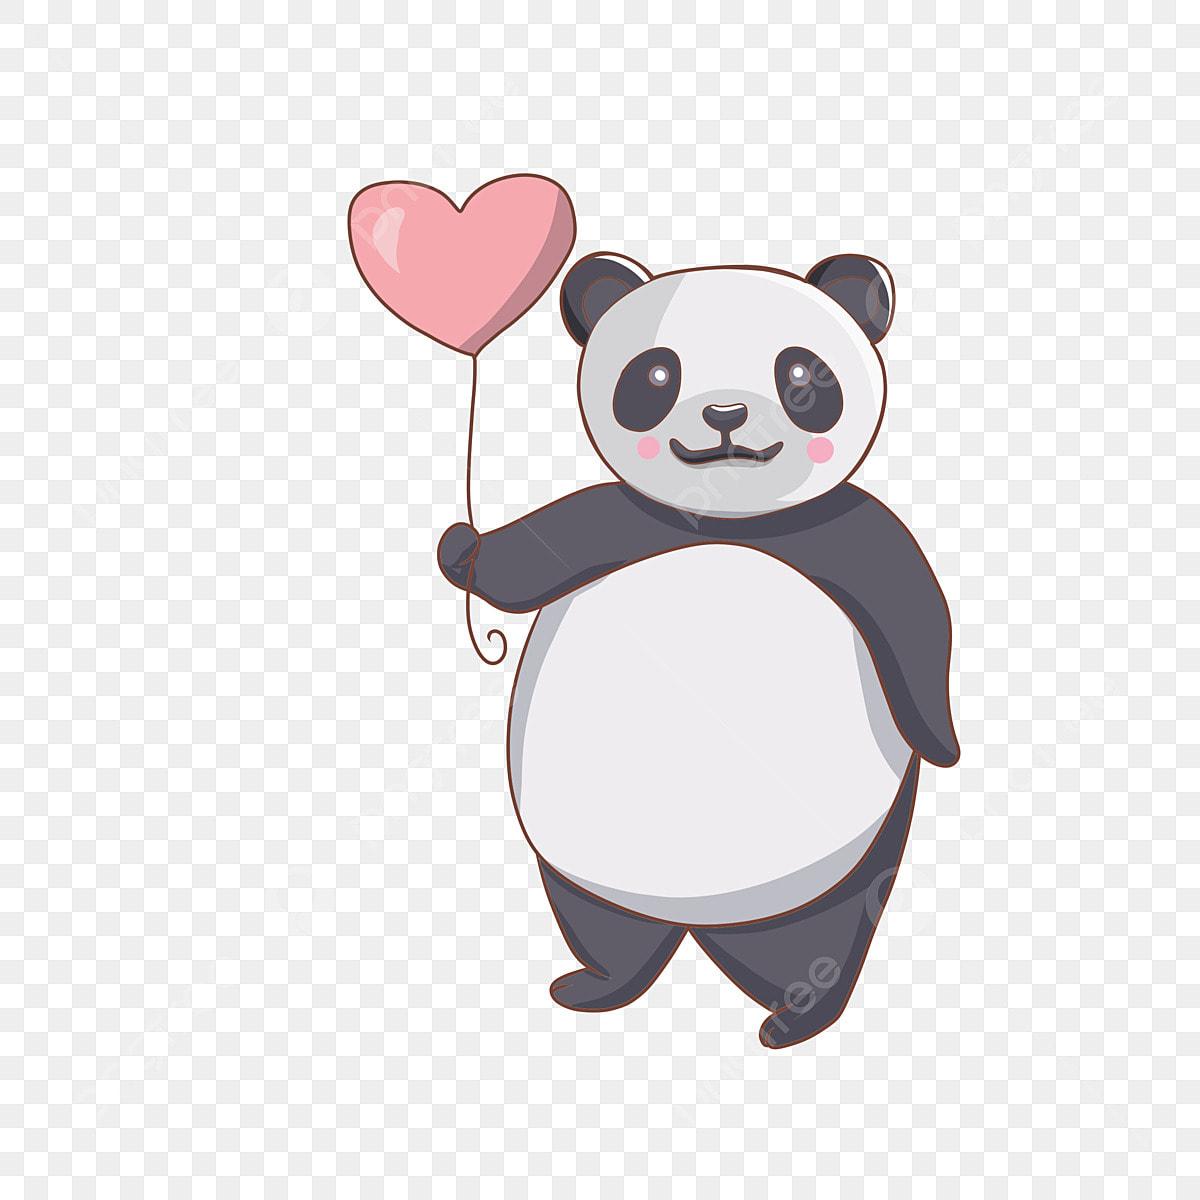 Dibujado A Mano Dibujos Animados Amor Romantico Animales Panda